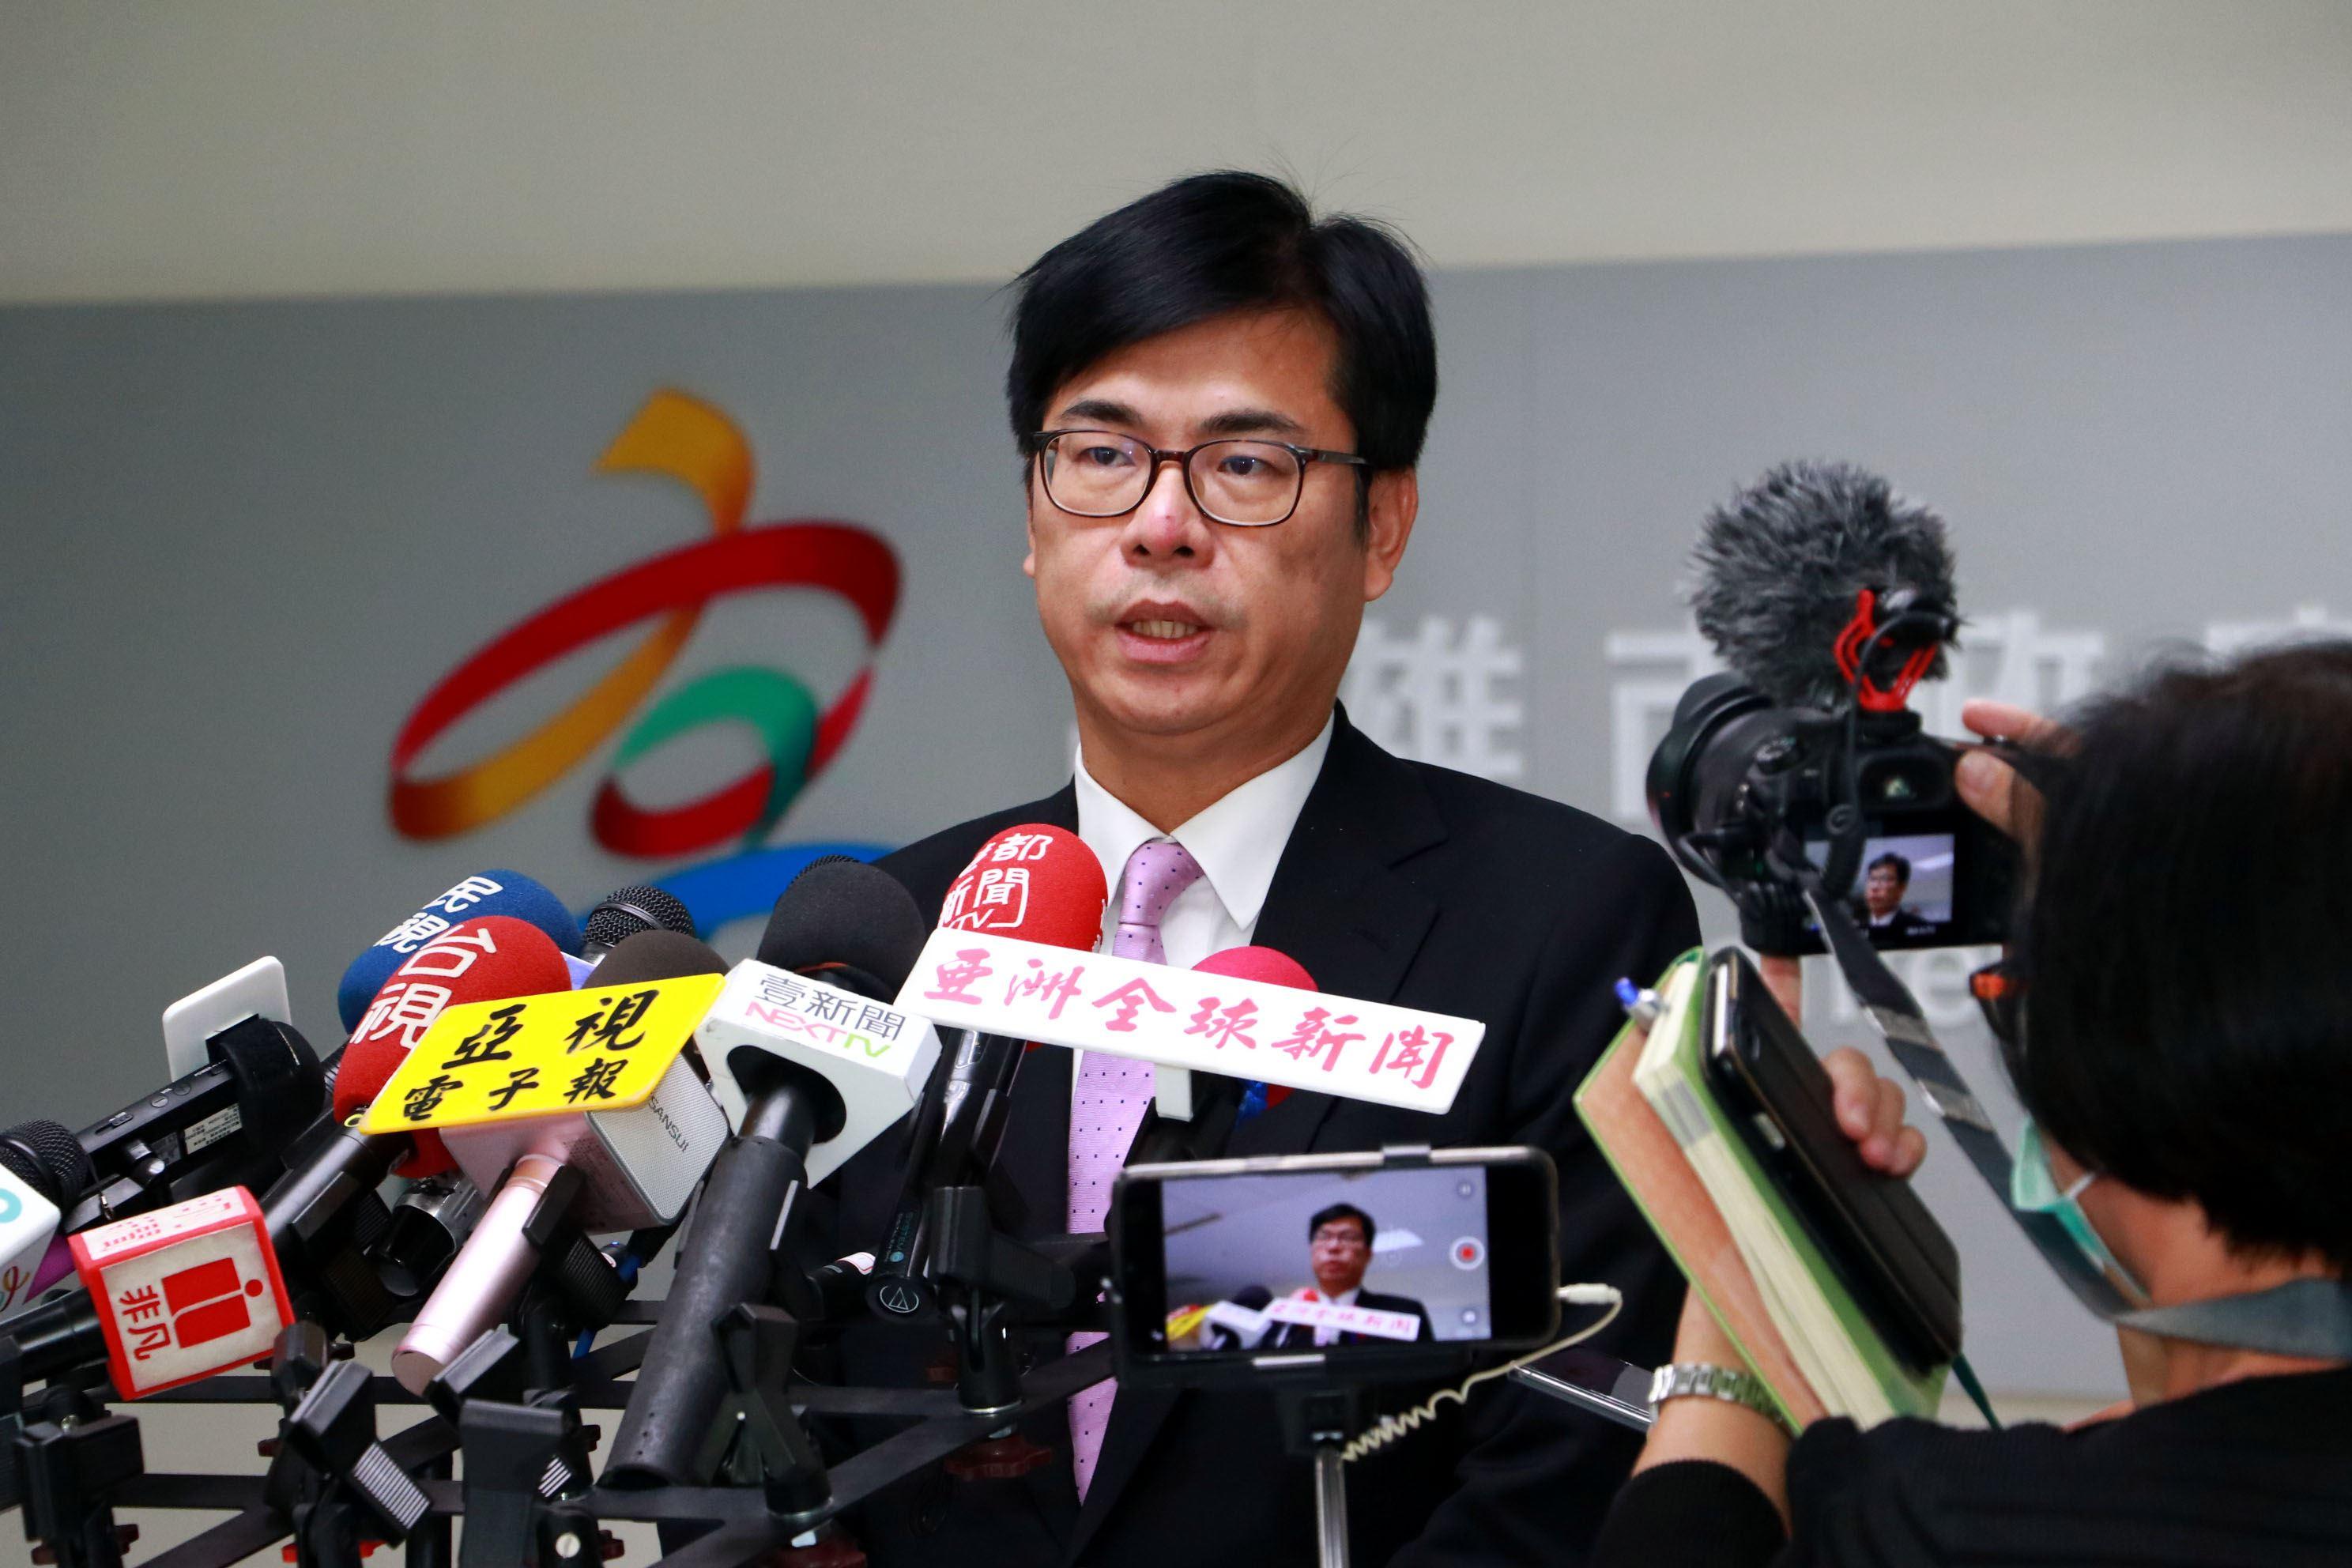 力推5G、新創 陳其邁宣布成立智慧城市推動委員會 1.jpg